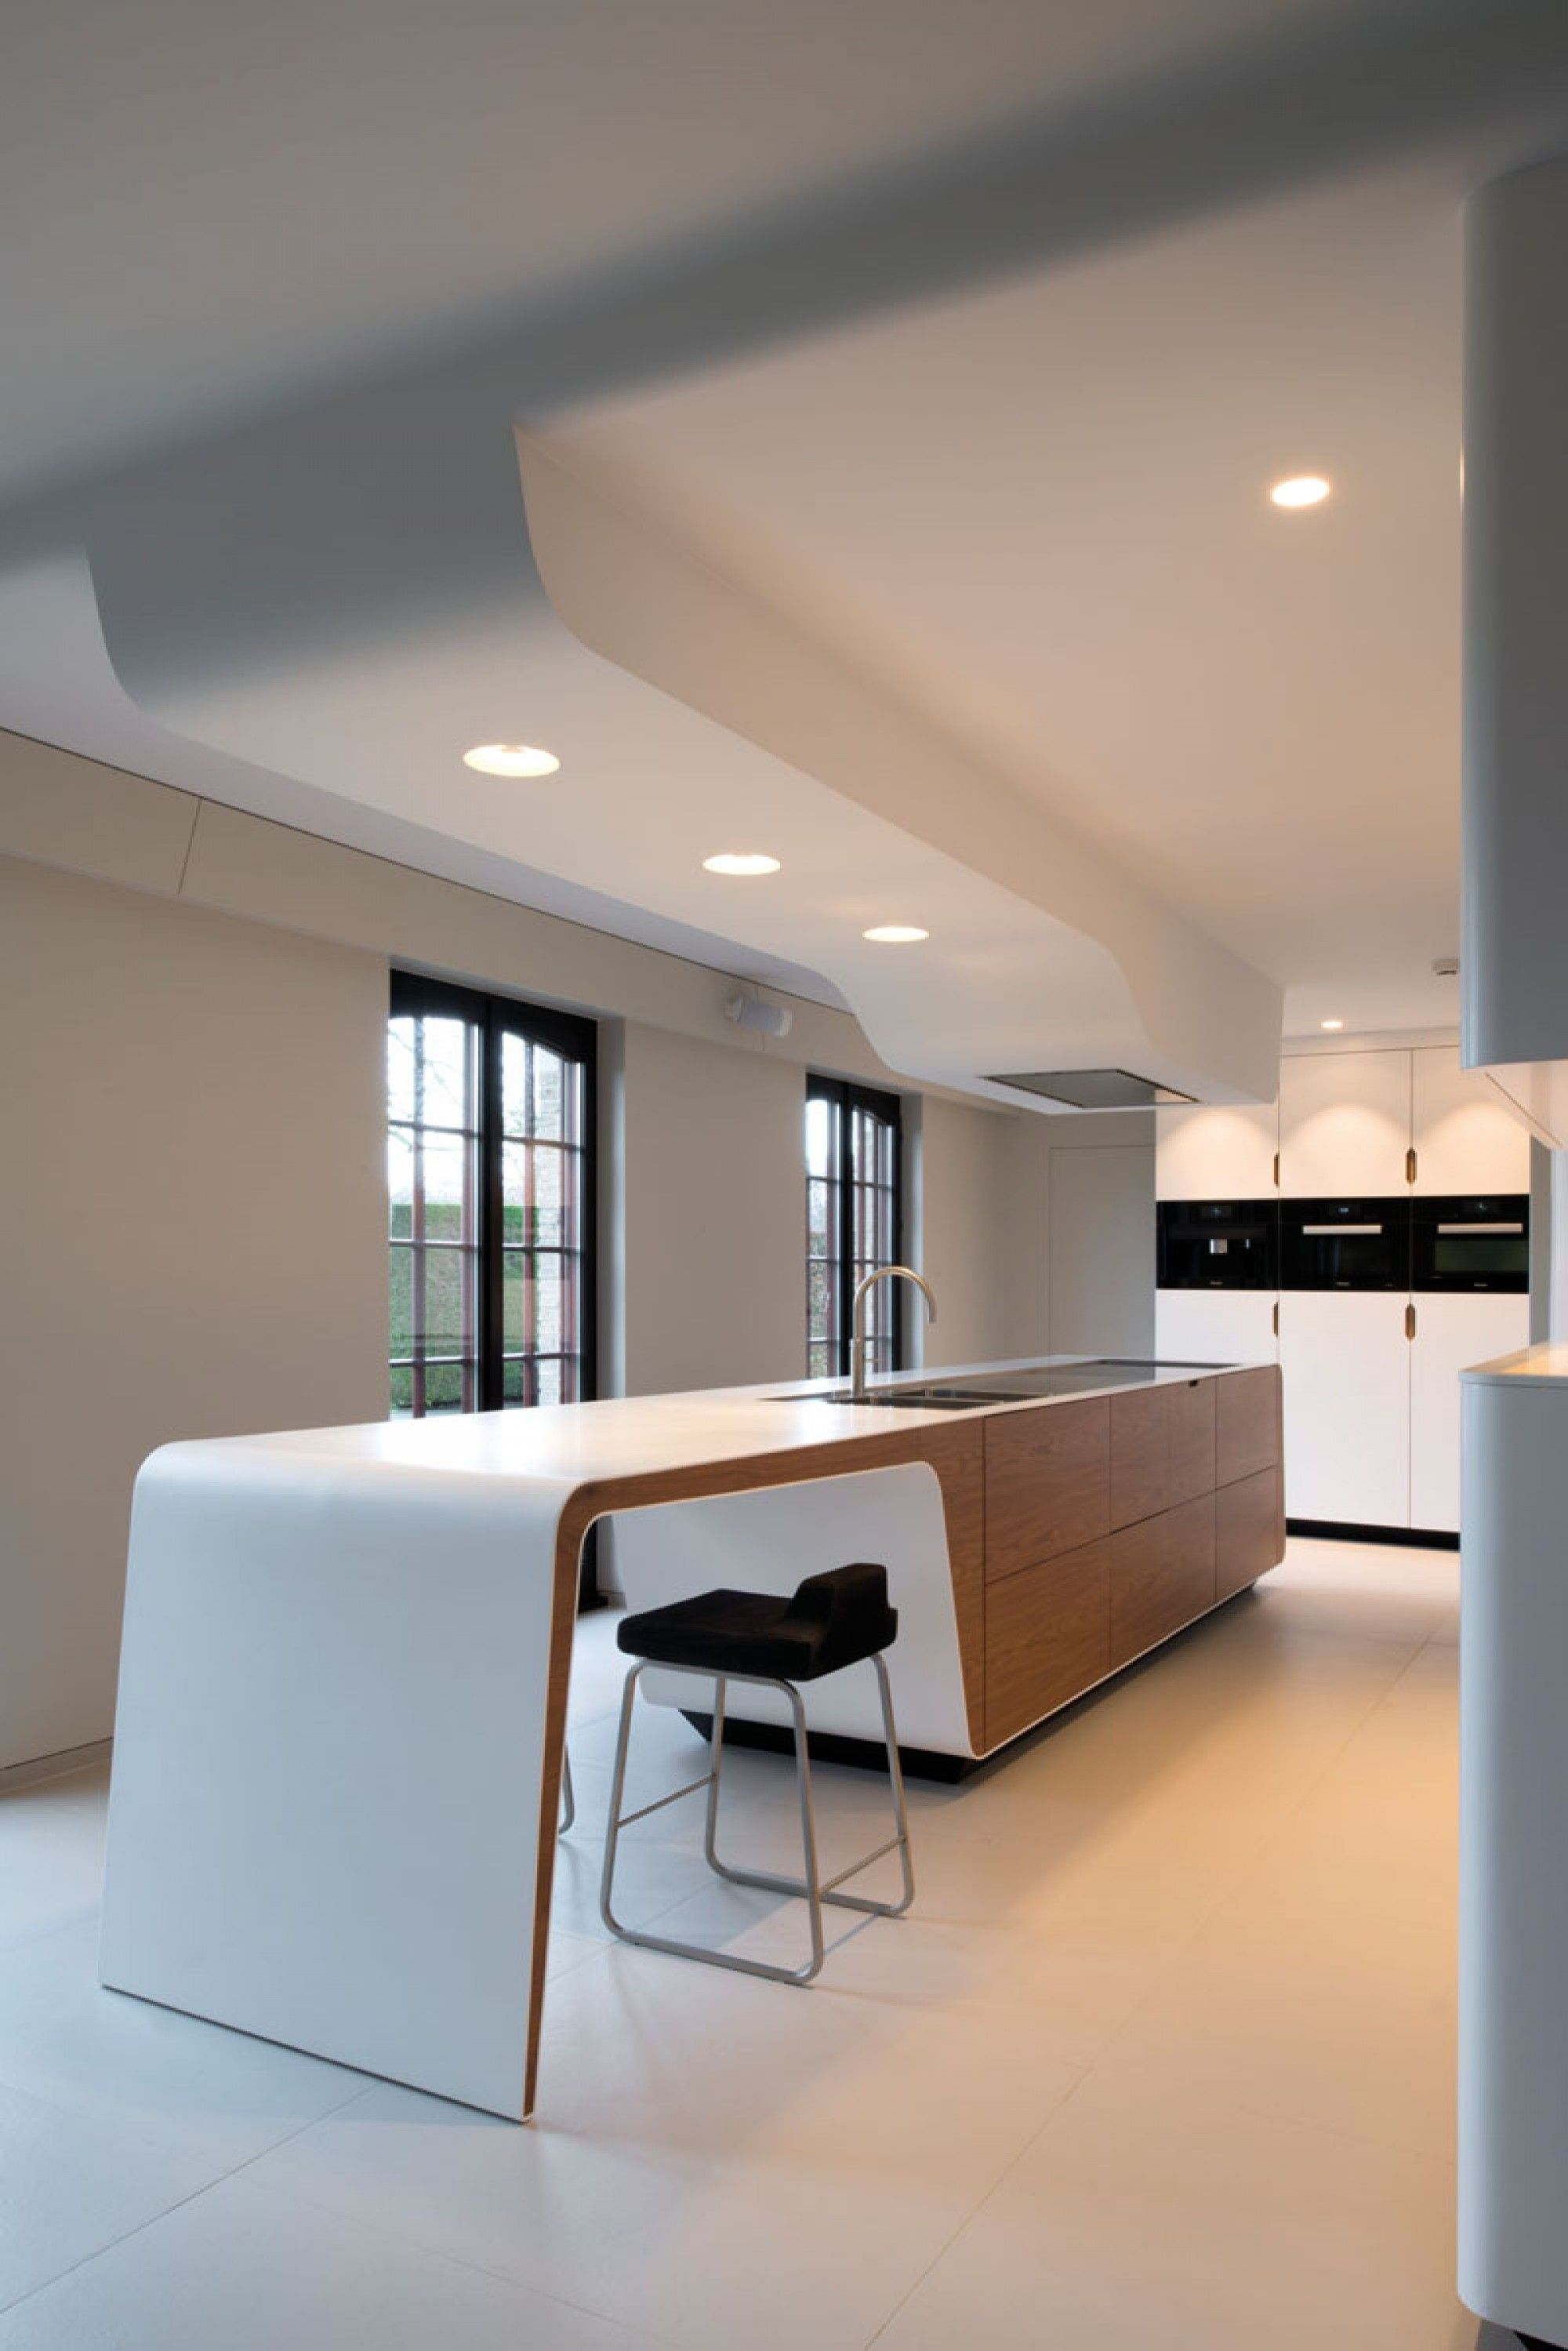 futuristisches möbeldesign home sweet futuristisch interieurdesign space the final frontier